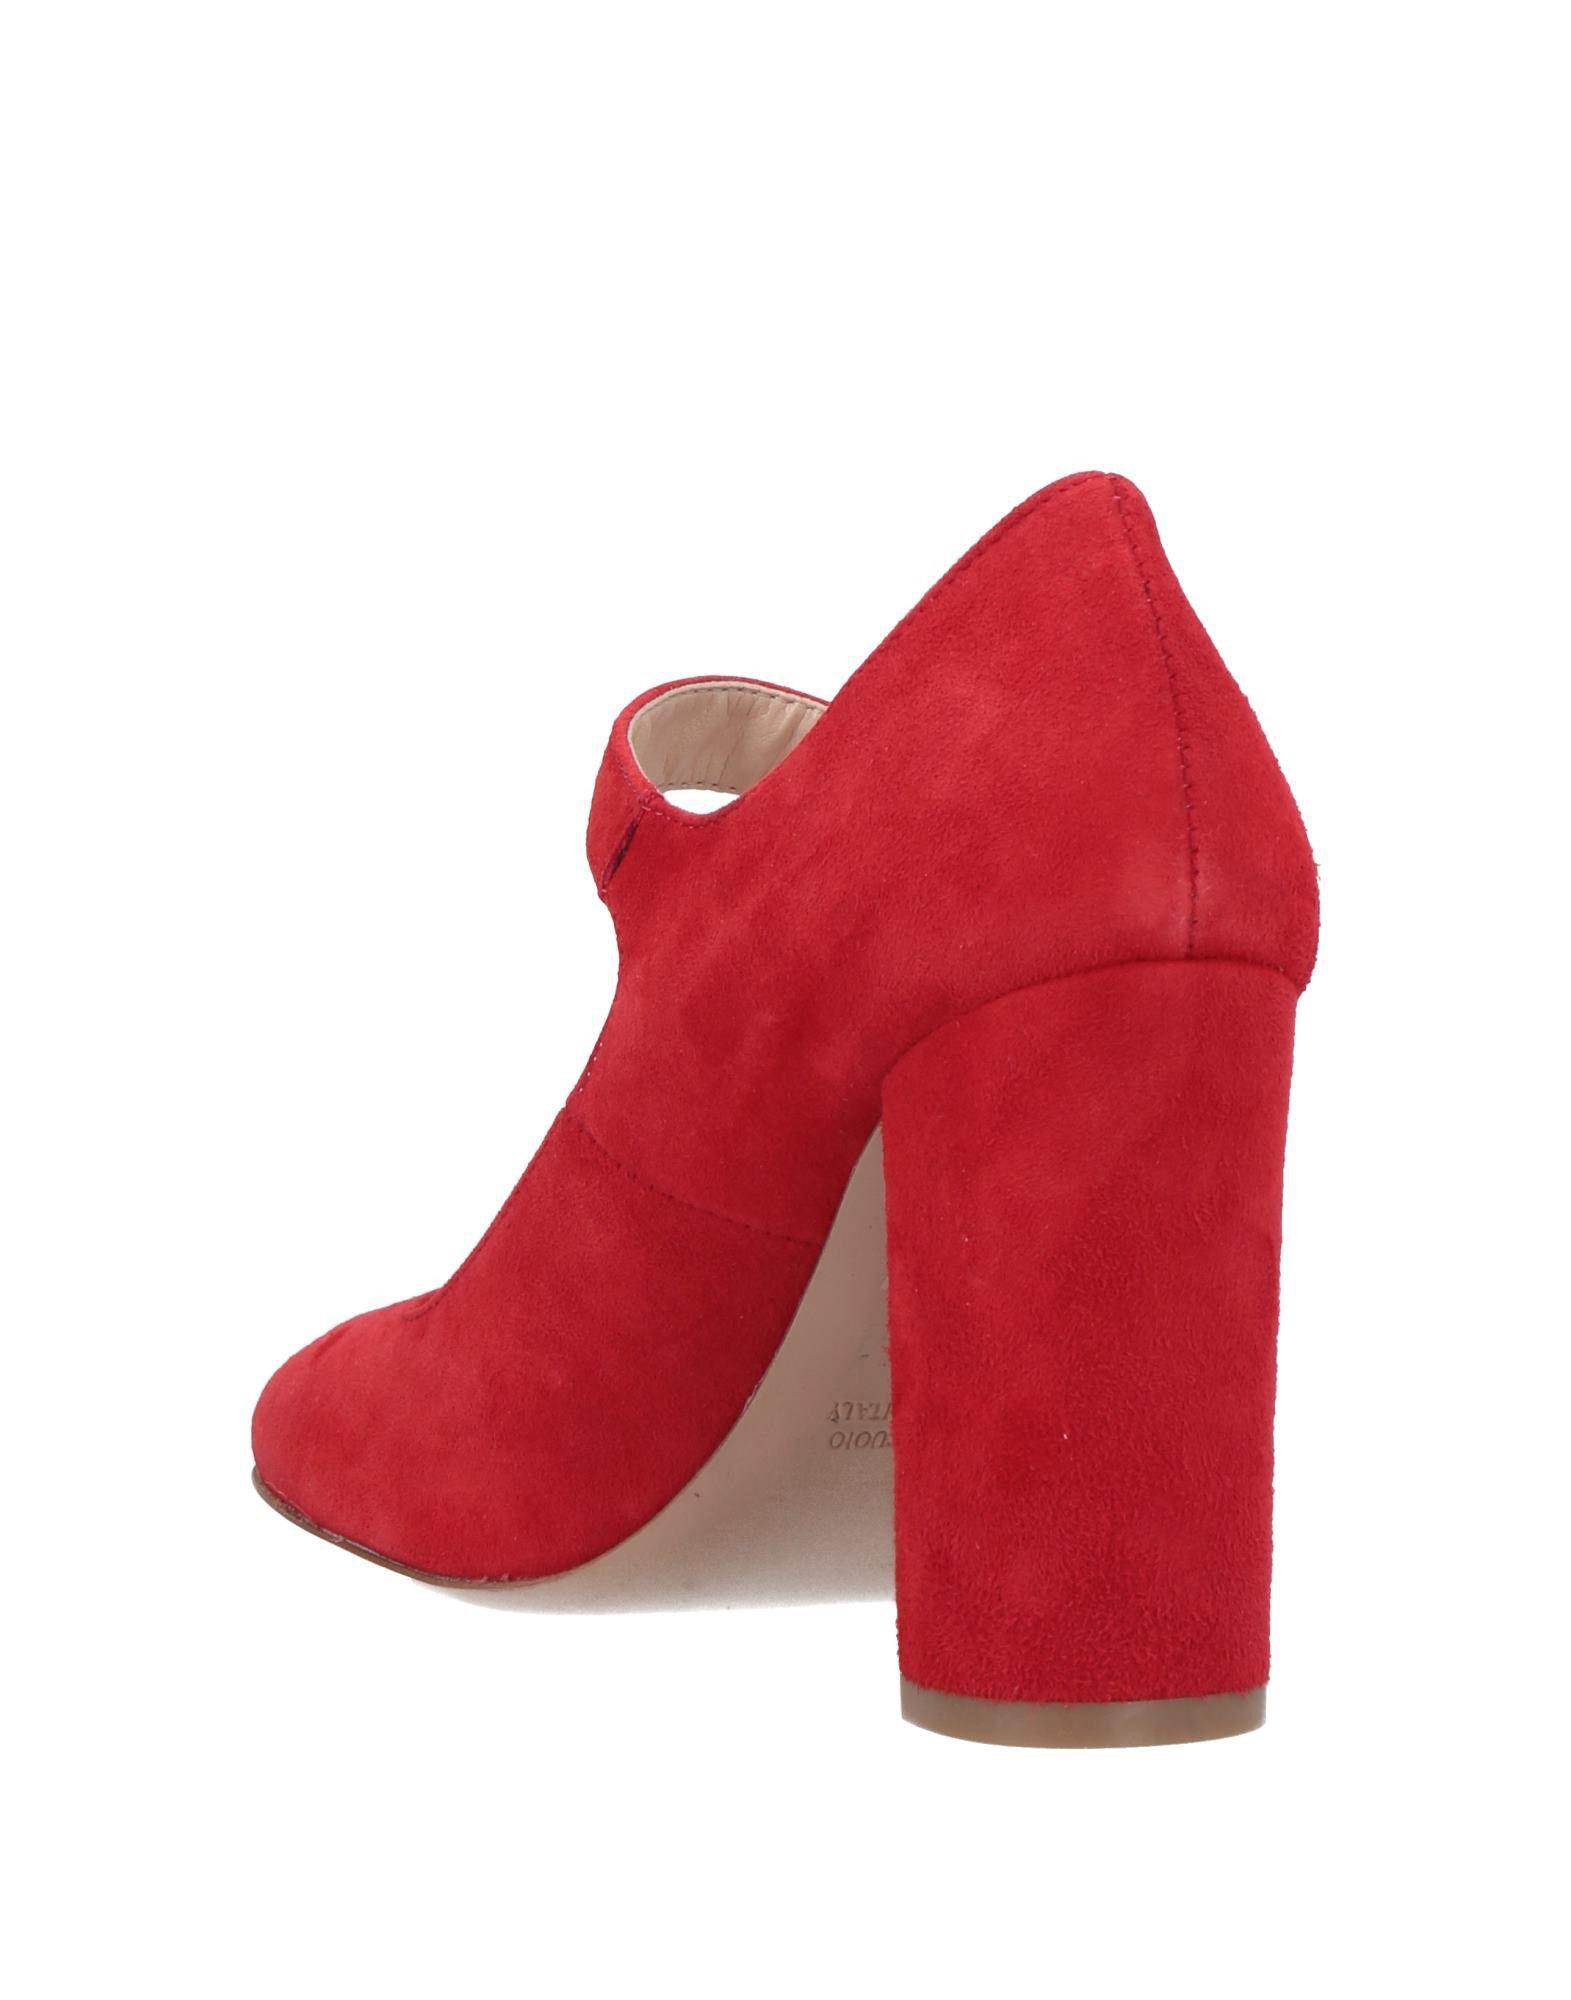 Zapatos de salón Piumi de Cuero de color Rojo